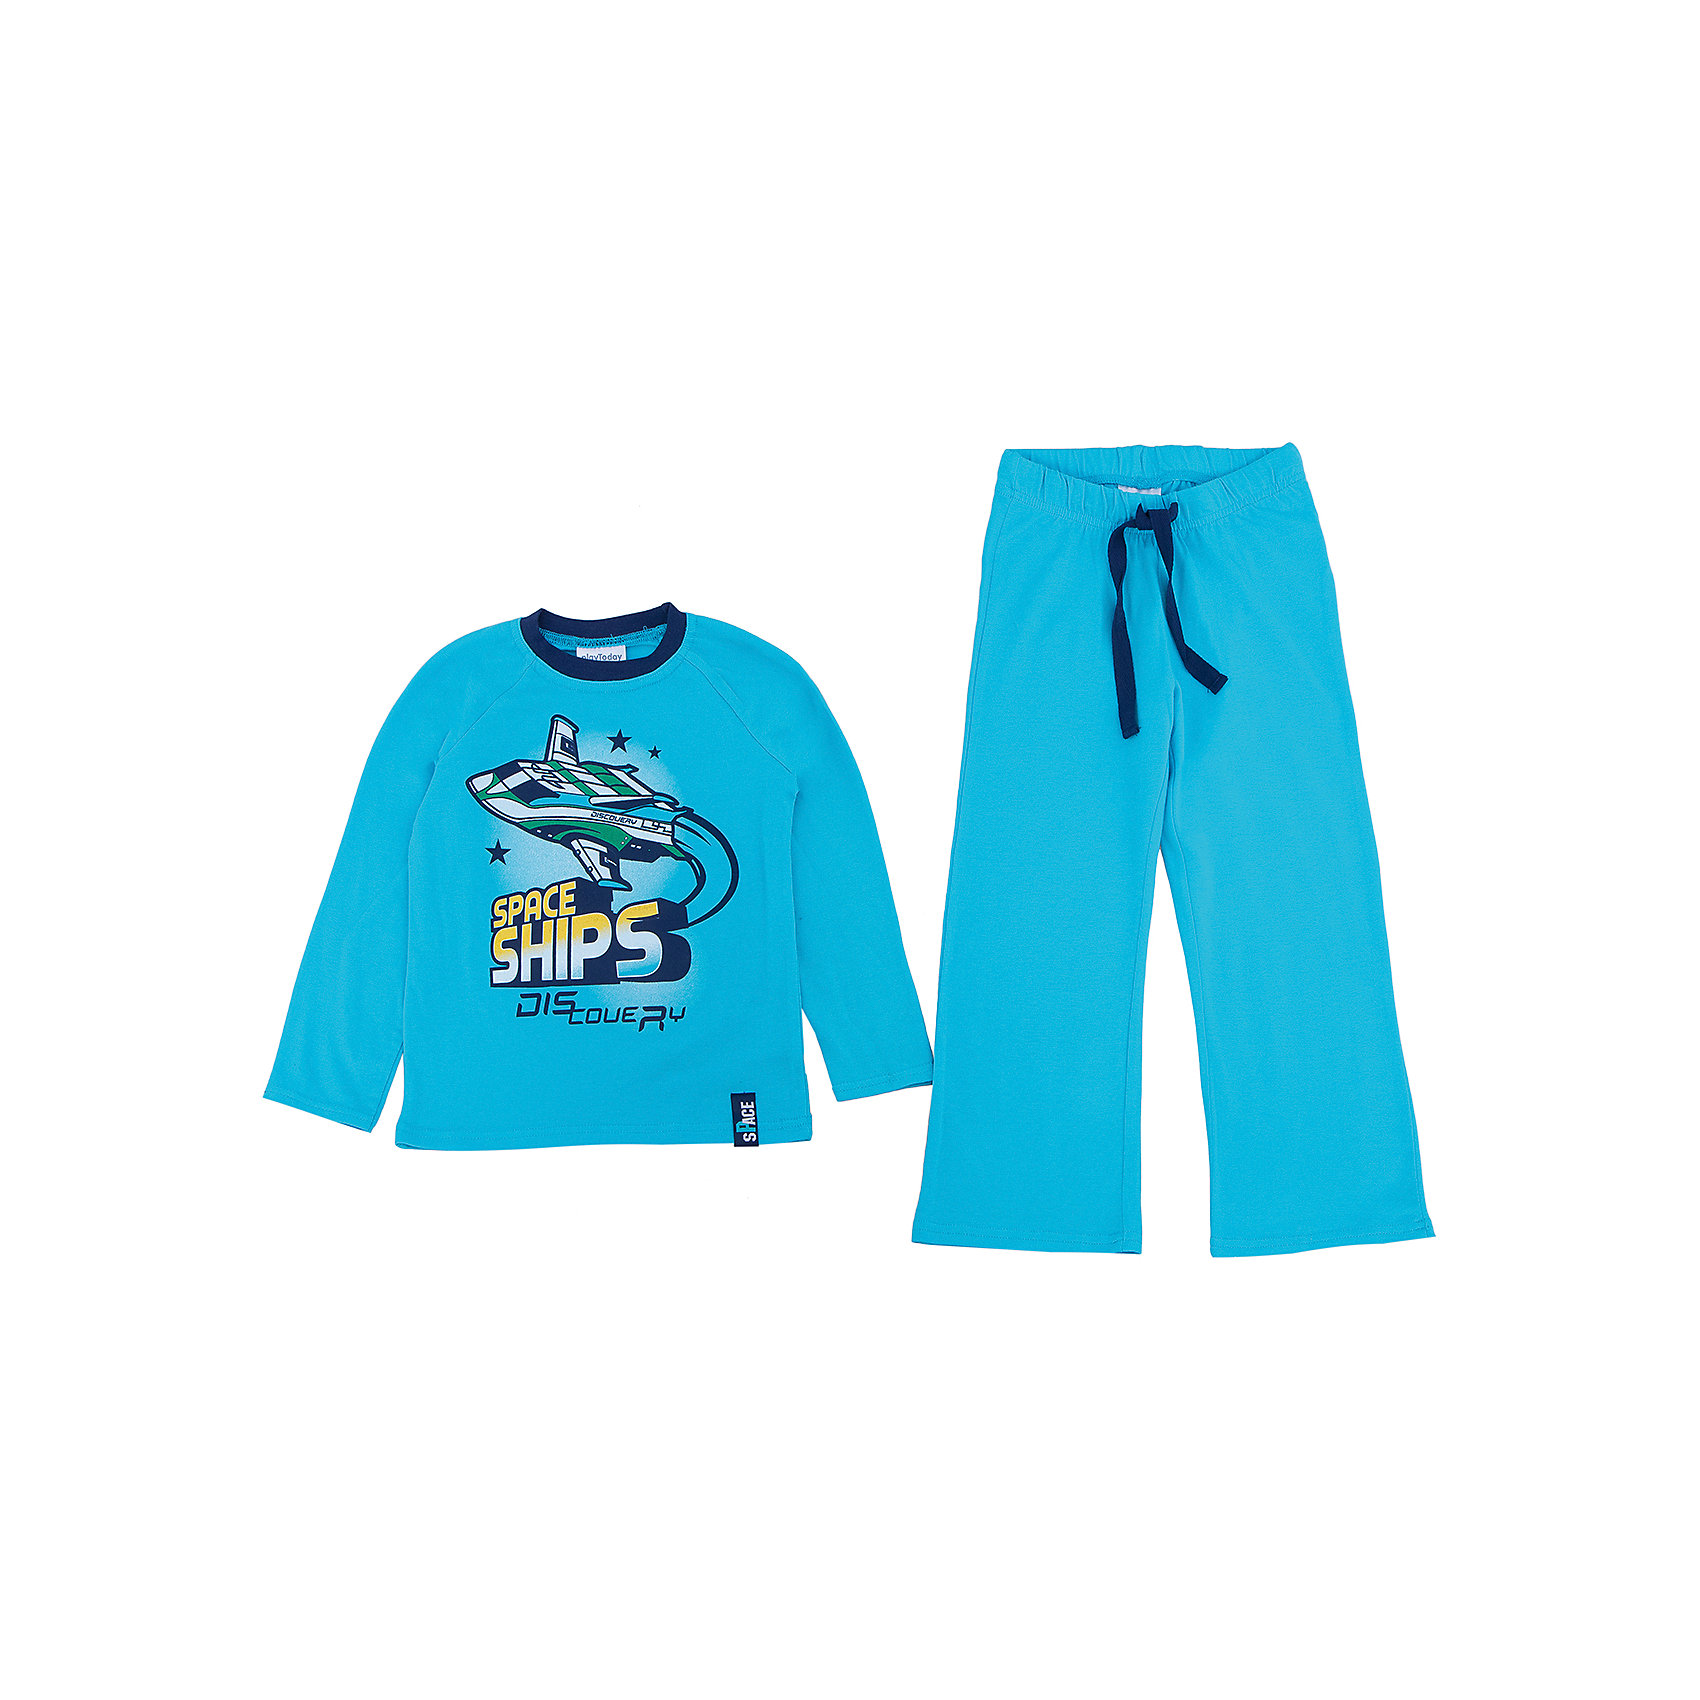 Пижама для мальчика PlayTodayПижамы и сорочки<br>Комплект: футболка с длинным рукавом и брюки для мальчика от известного бренда PlayToday.<br>Яркий комплект из футболки с длинными рукавами и брюк. Футболка украшена стильным принтом на космическую тему. На воротнике эластичная бейка. Пояс на резинке, дополнительно регулируется шнурком.<br>Состав:<br>95% хлопок, 5% эластан<br><br>Ширина мм: 215<br>Глубина мм: 88<br>Высота мм: 191<br>Вес г: 336<br>Цвет: синий<br>Возраст от месяцев: 72<br>Возраст до месяцев: 84<br>Пол: Мужской<br>Возраст: Детский<br>Размер: 122,104,110,116,128,98<br>SKU: 4897243